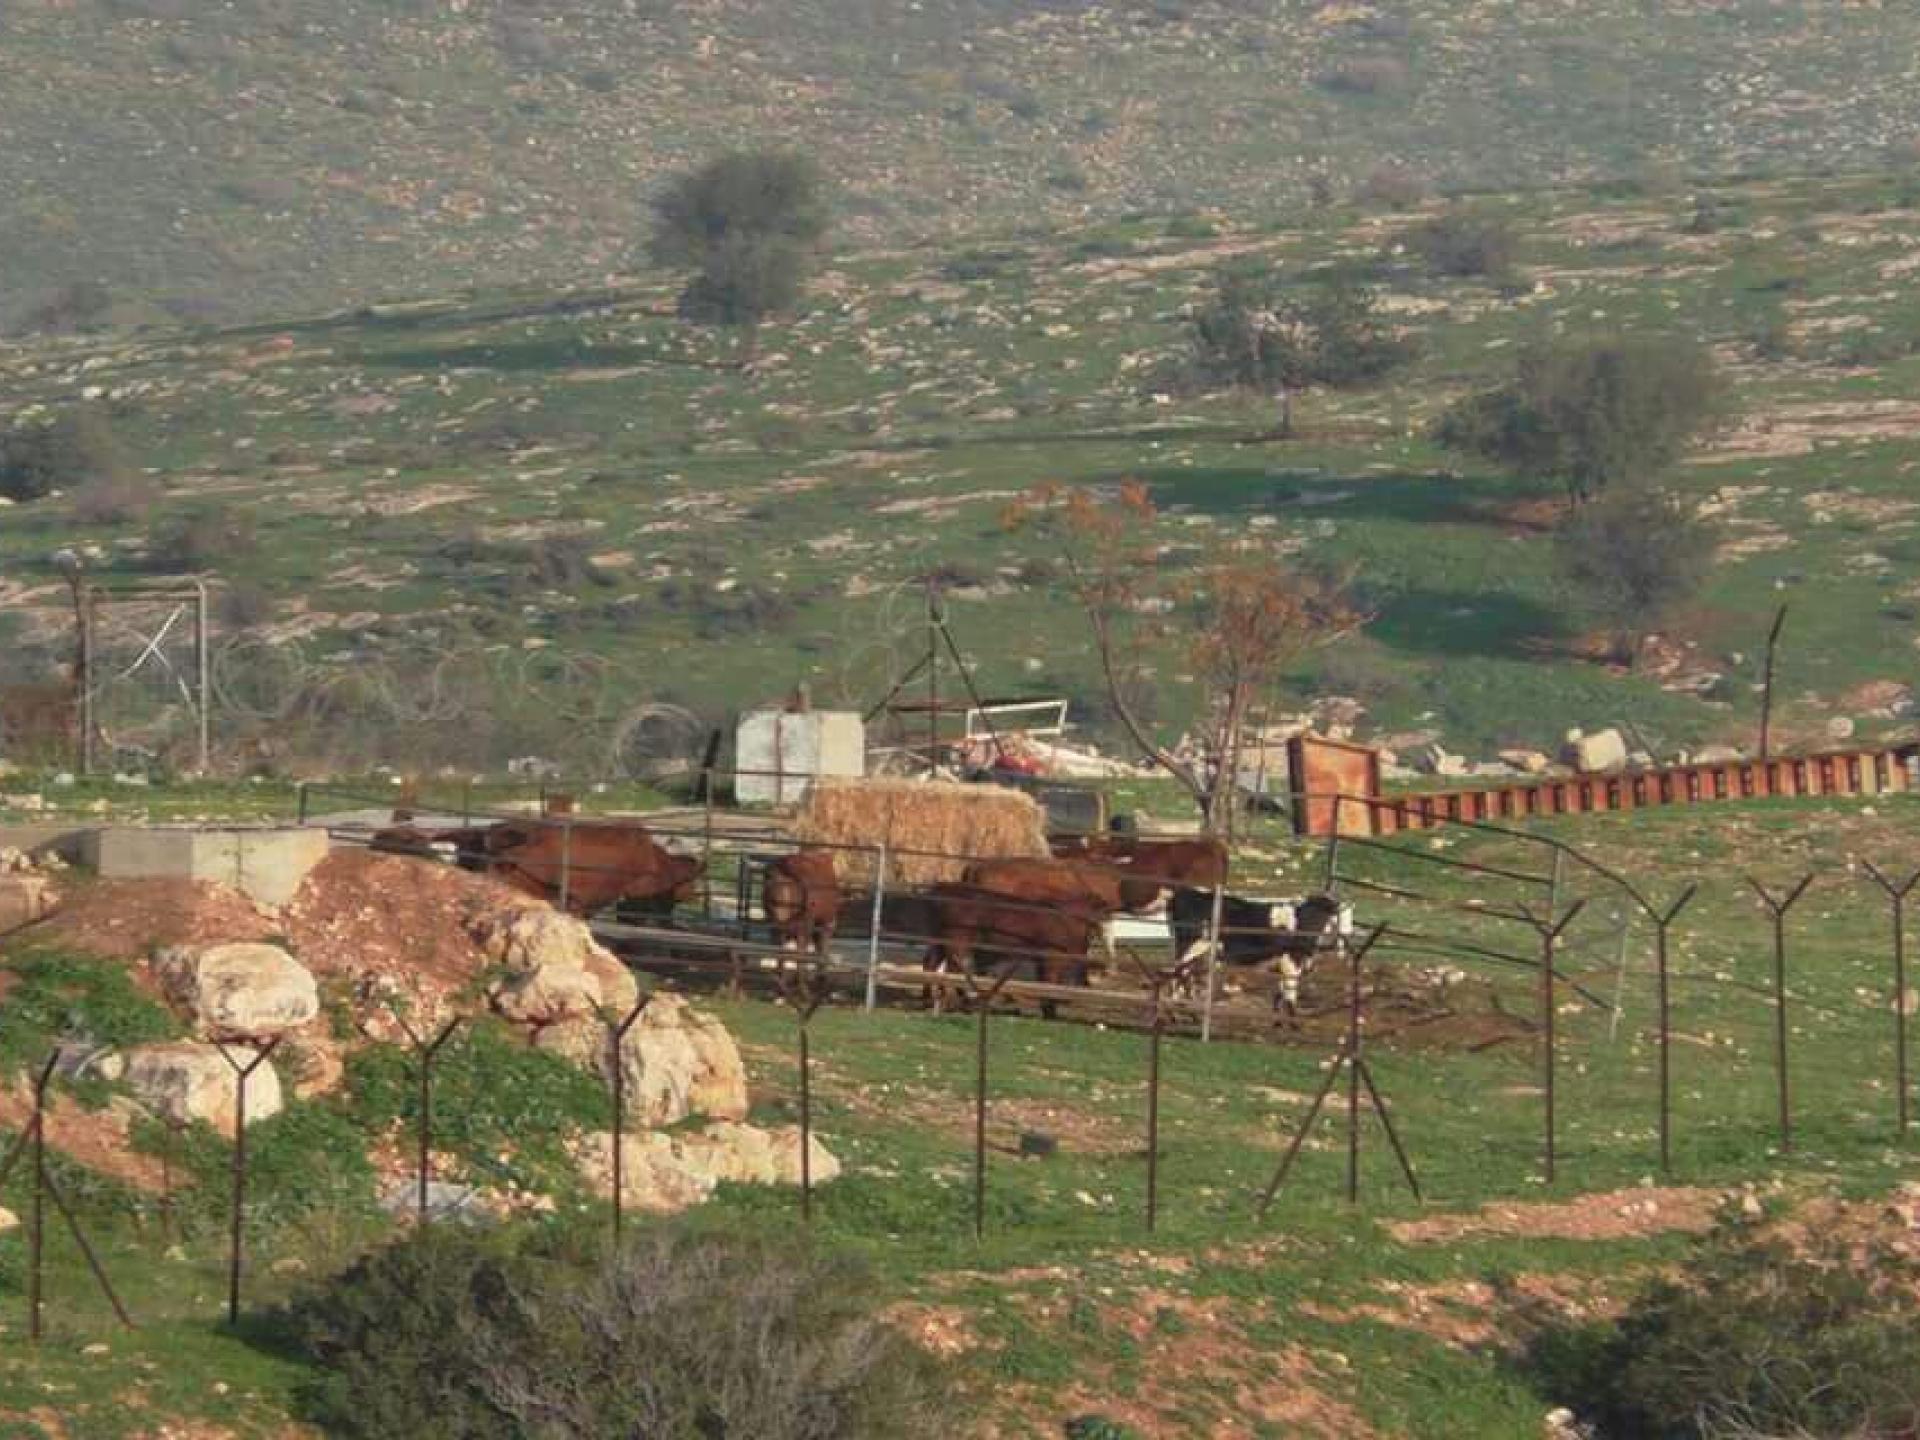 בקעת הירדן: מאחז פיראטי חדש